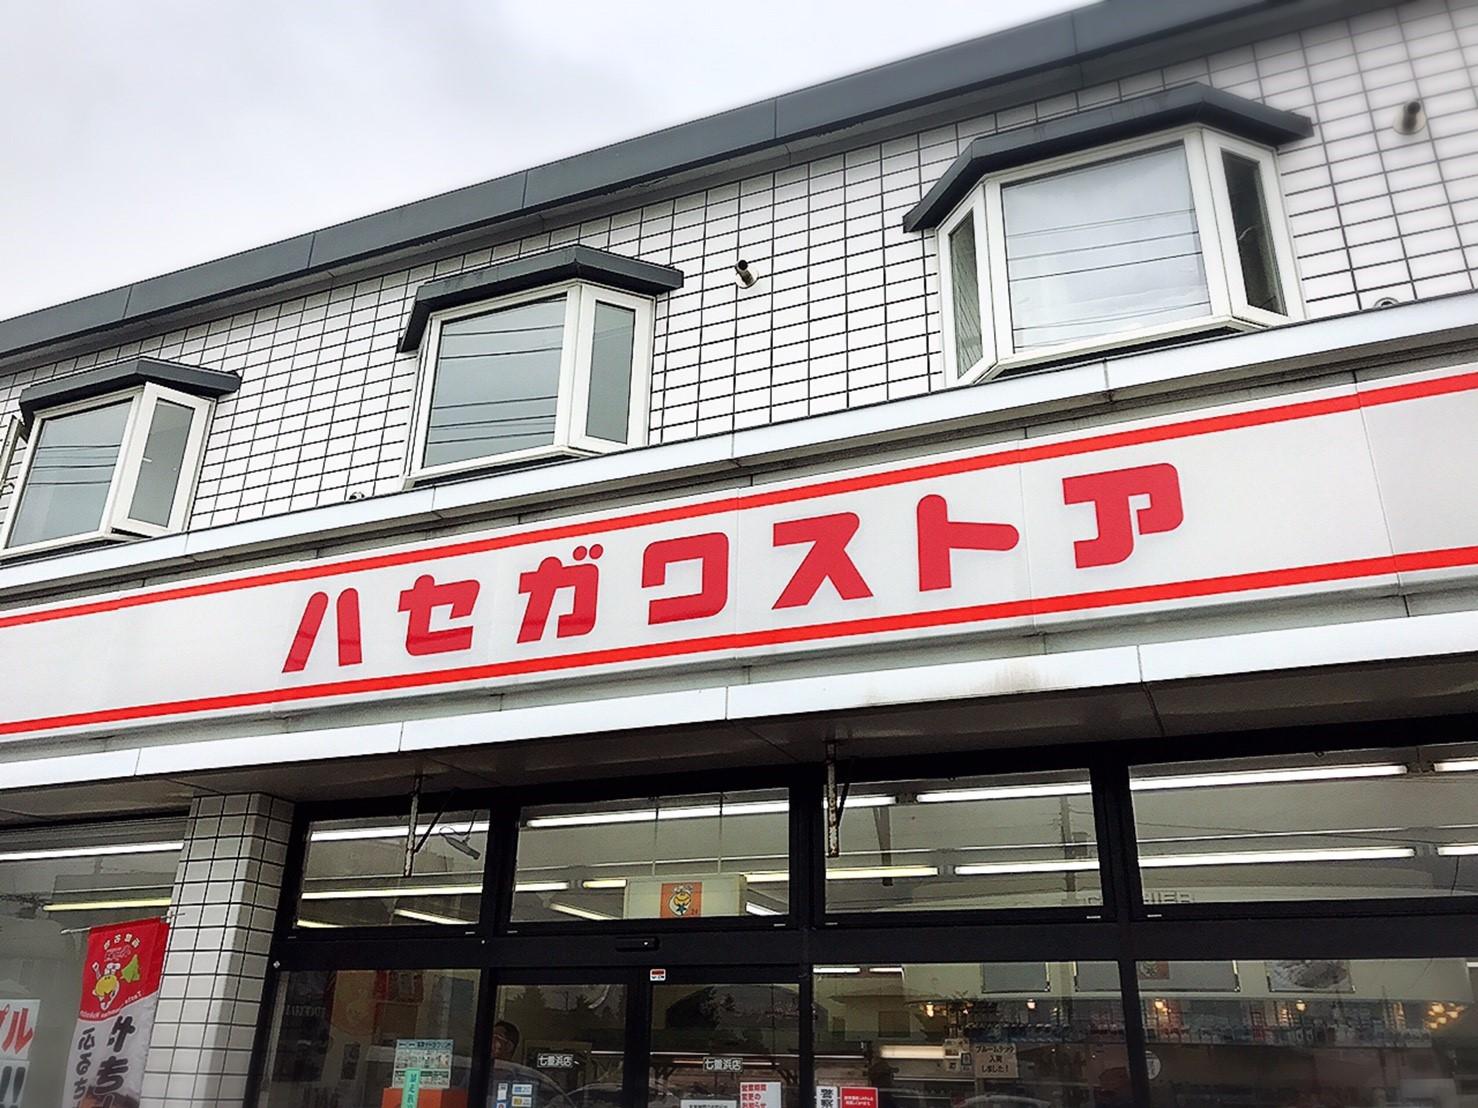 ハセガワストア/北斗市_c0378174_21024850.jpg